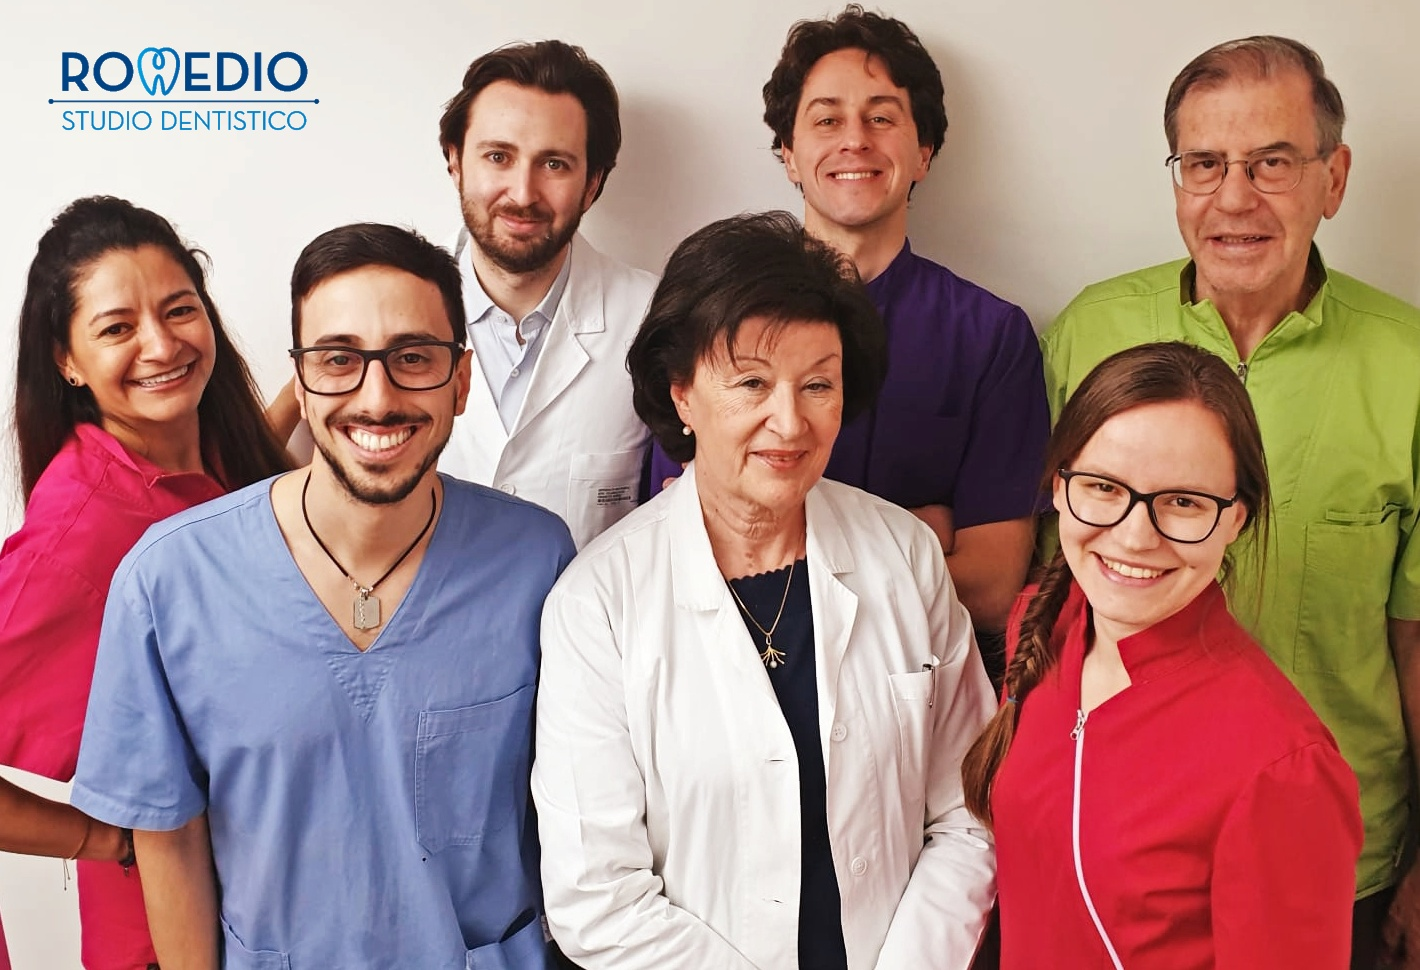 Studio Dentistico Romedio Monfalcone_Il nostro staff